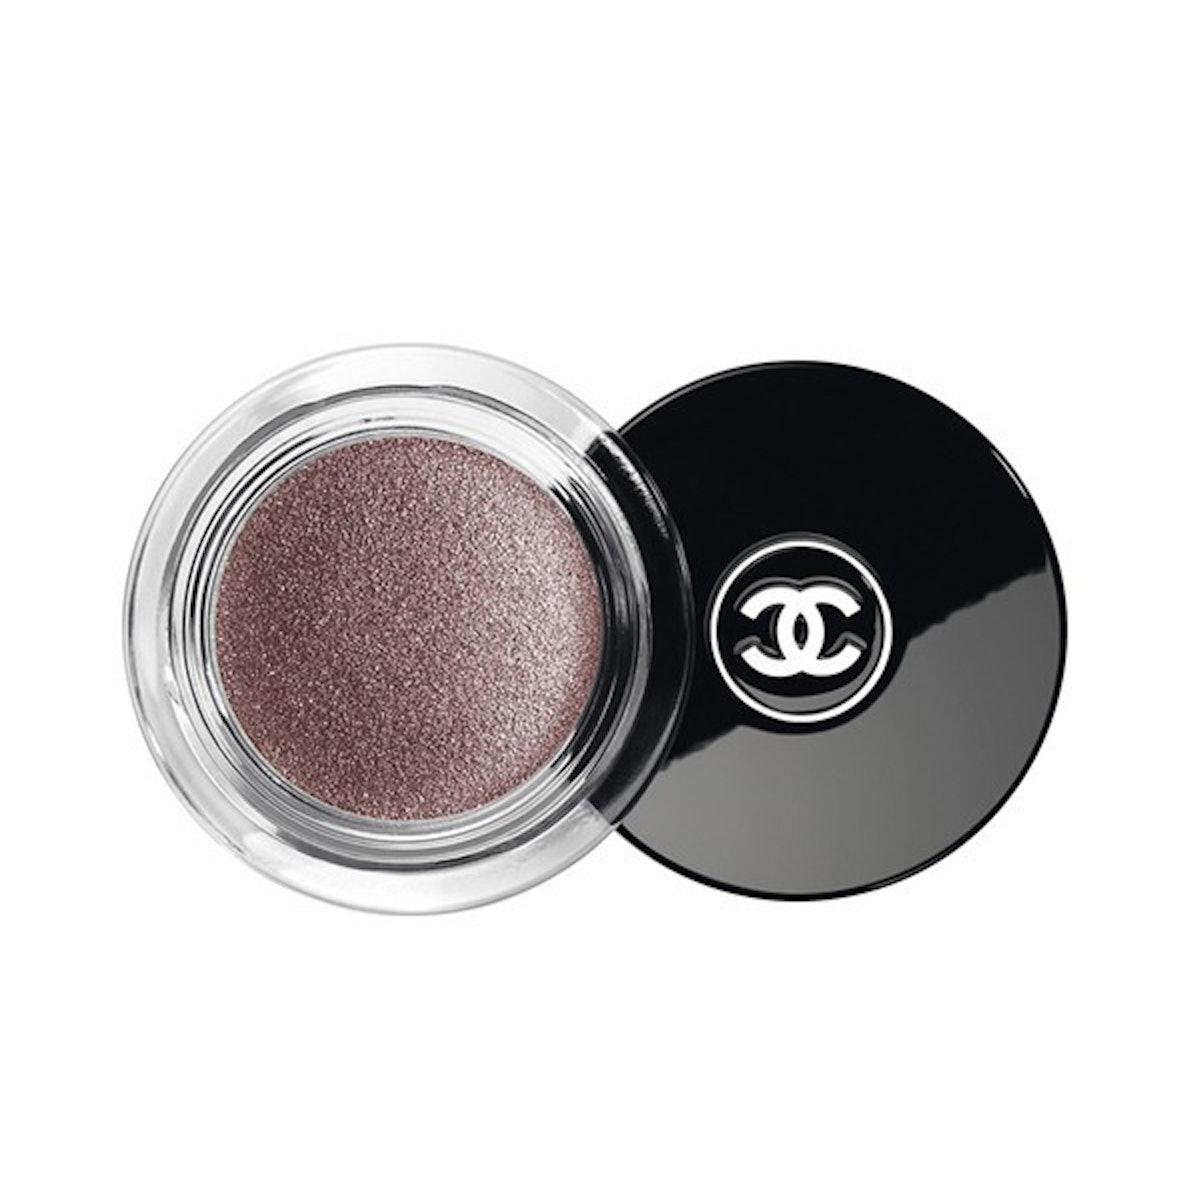 Chanel Illusion d'Ombre in Illusoire